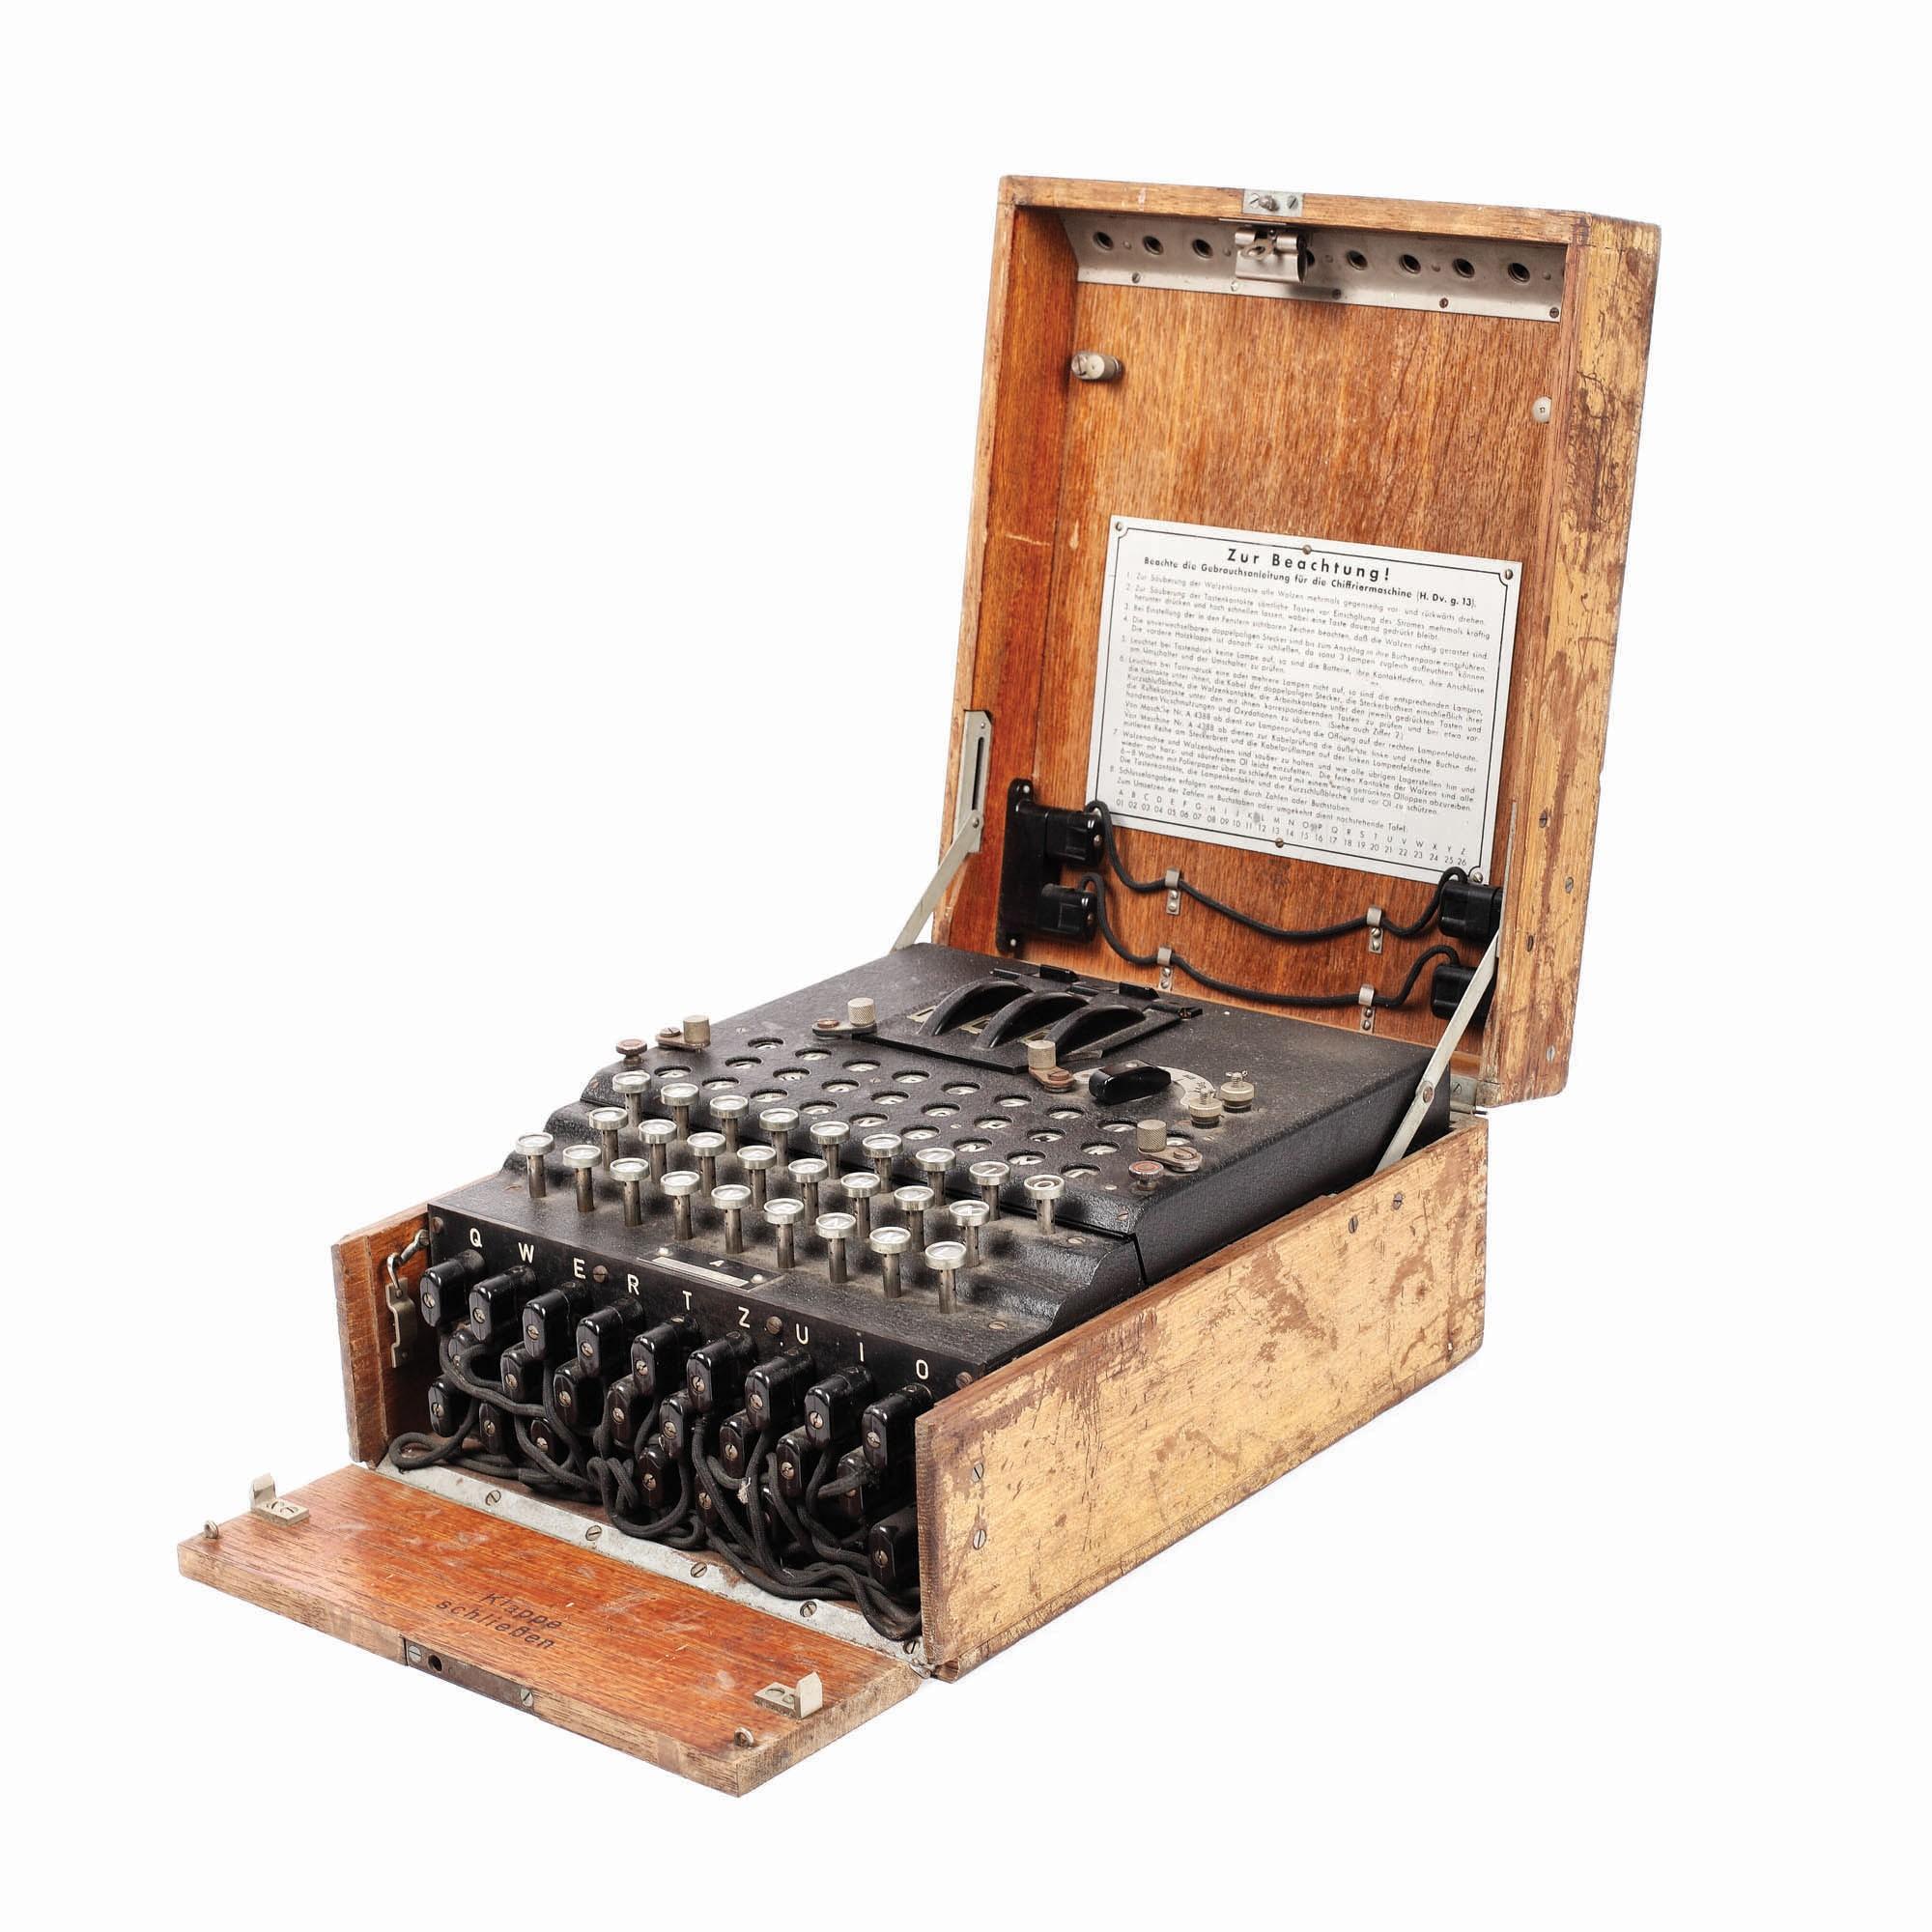 Schnäppchen: Wenn aus einer 100 €-Schreibmaschine eine 45.000 €-Enigma wird